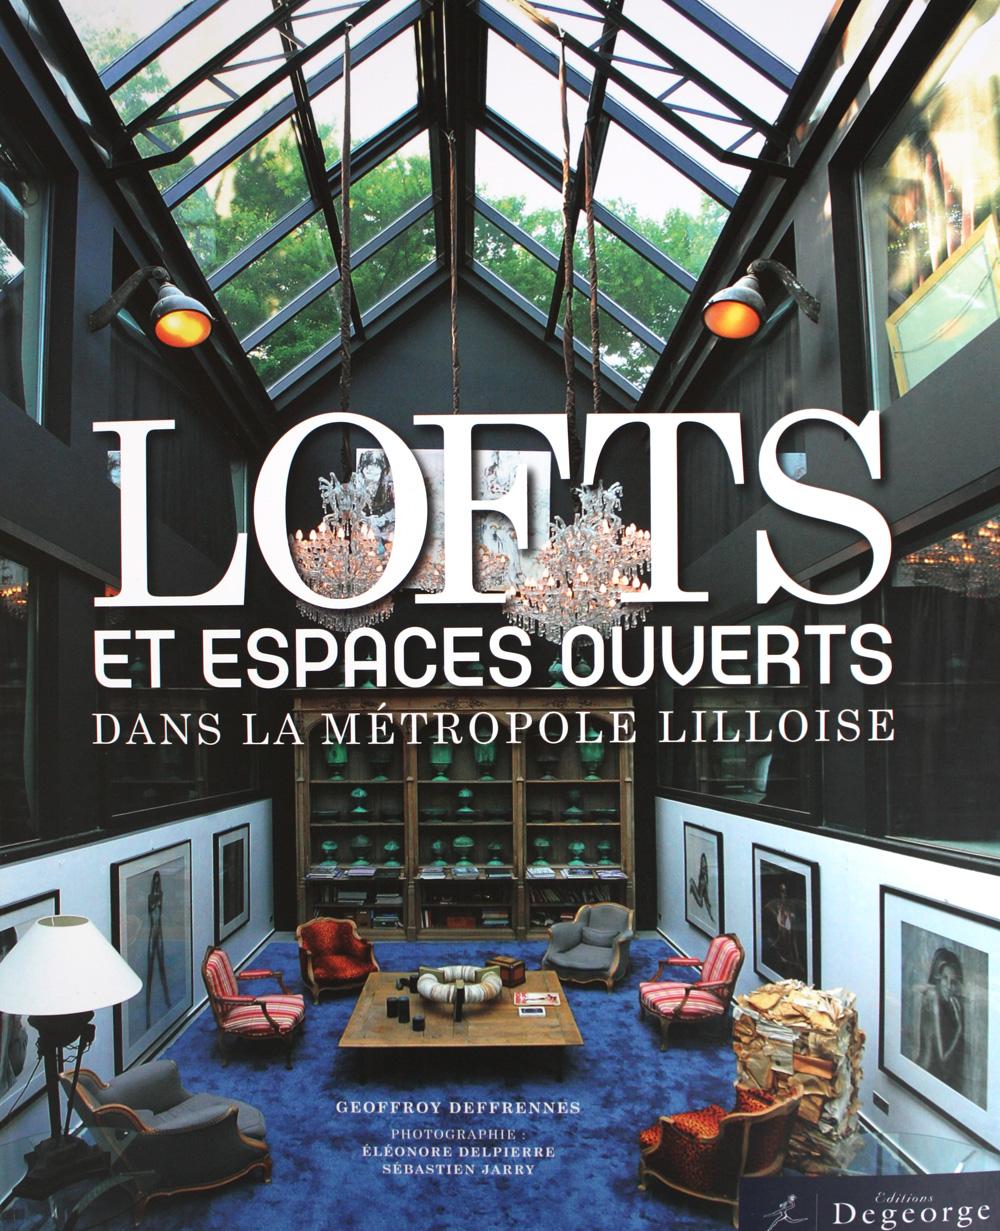 lofts et espaces ouverts sur la m tropole lilloise. Black Bedroom Furniture Sets. Home Design Ideas